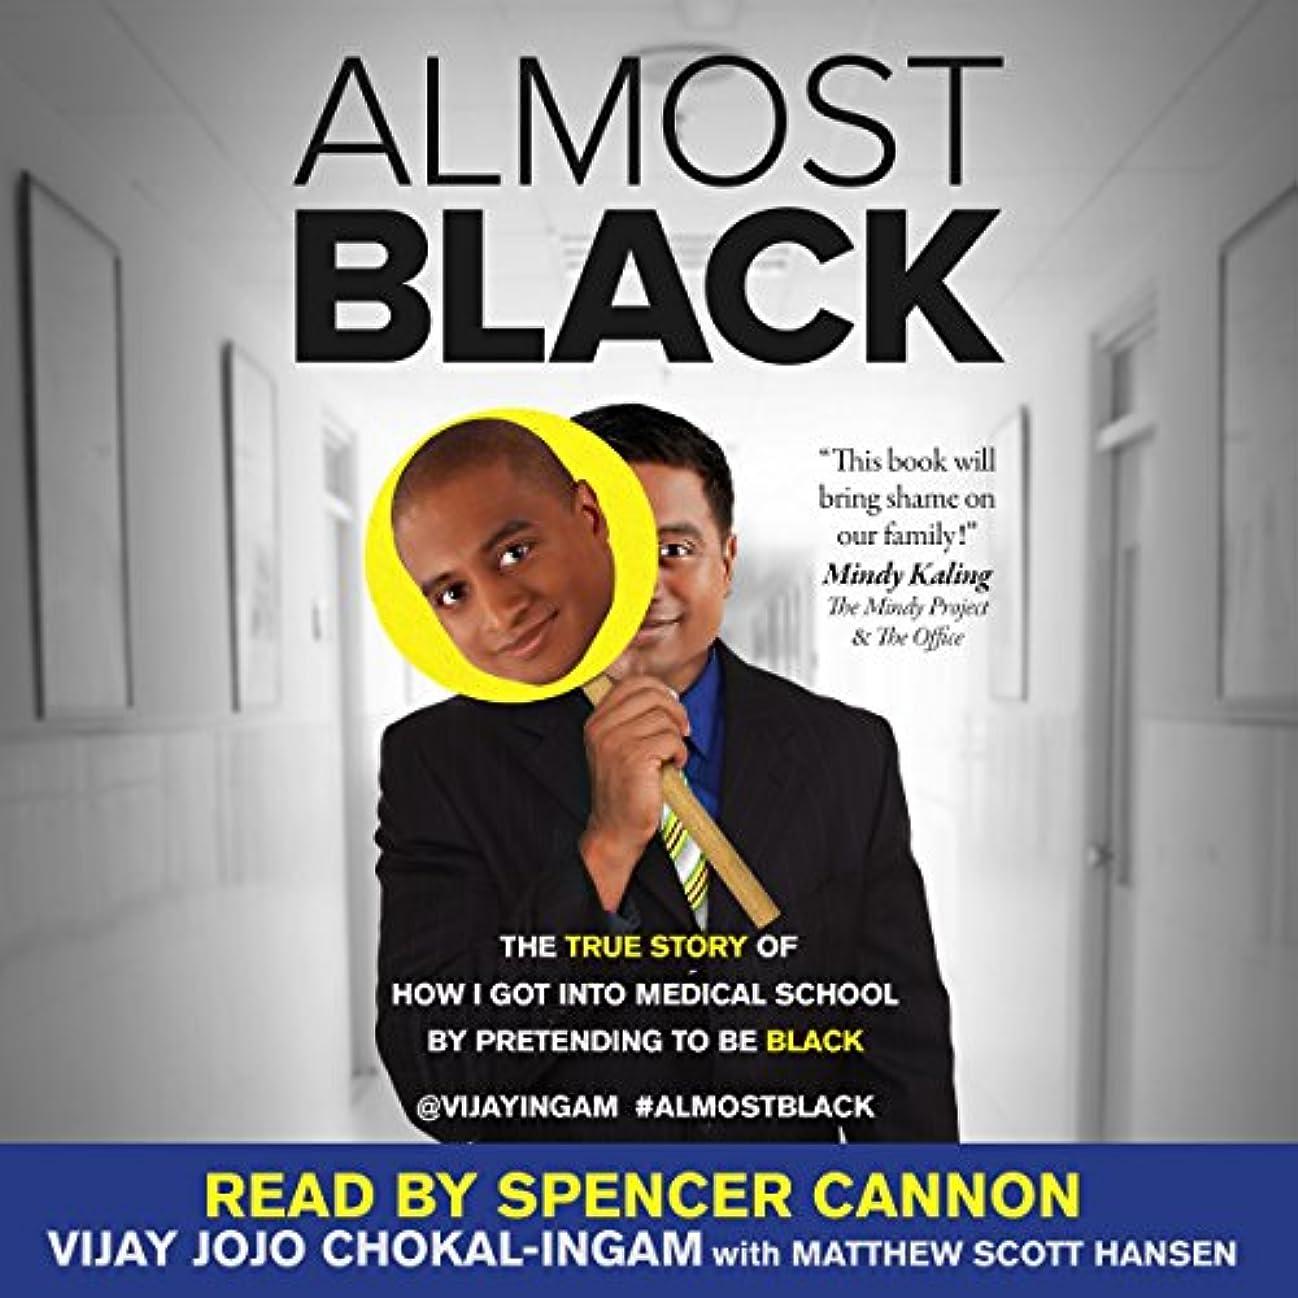 エアコン禁止番目Almost Black: The True Story of How I Got into Medical School by Pretending to Be Black